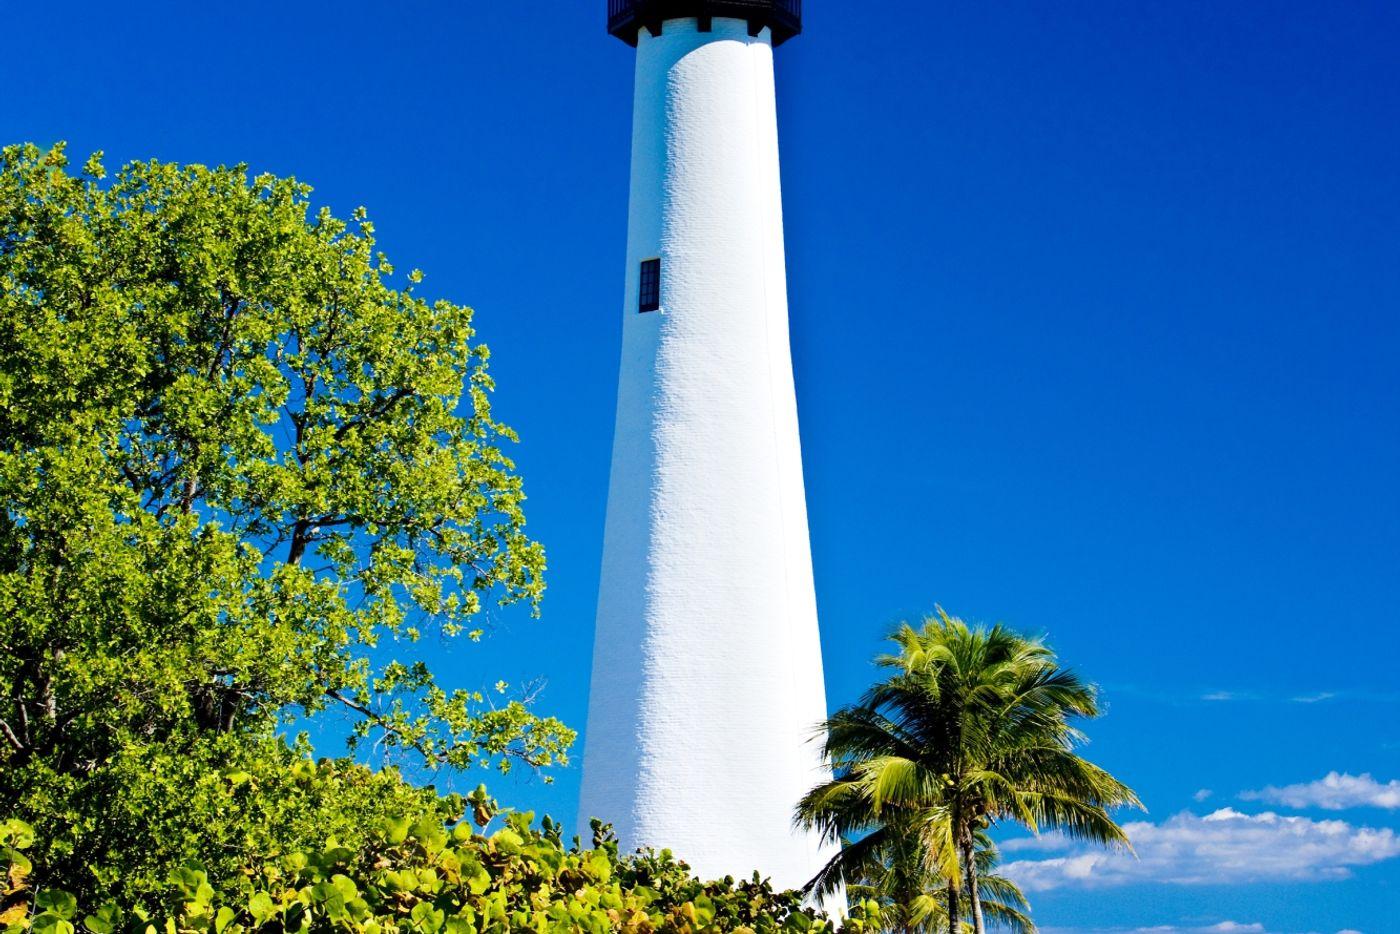 A brightly coloured building in Miami